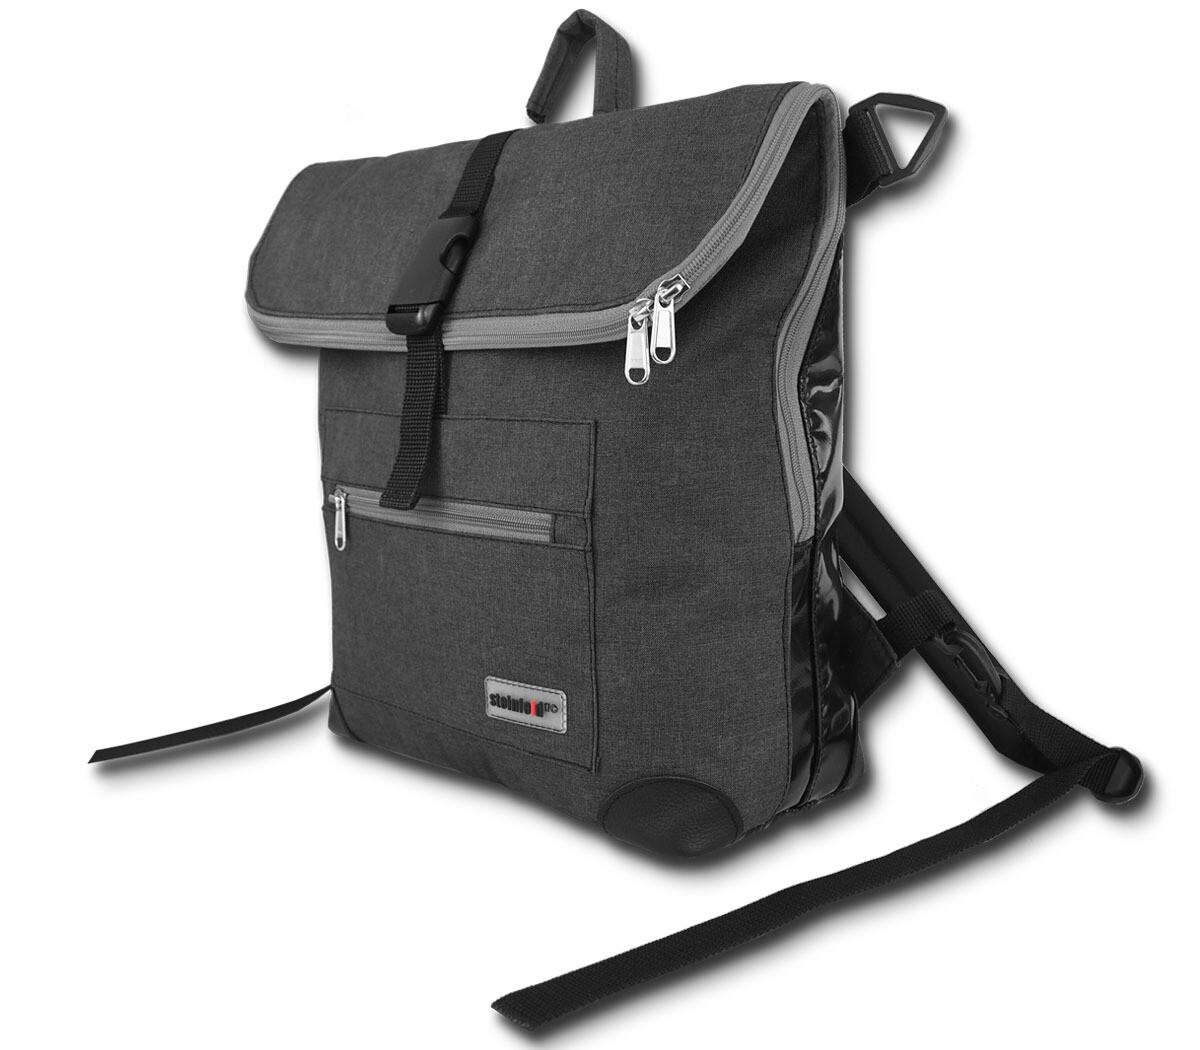 Gepäckträgertasche Radl-Ivy, die Große, PES/PVC-Plane-anthrazit-schwarz